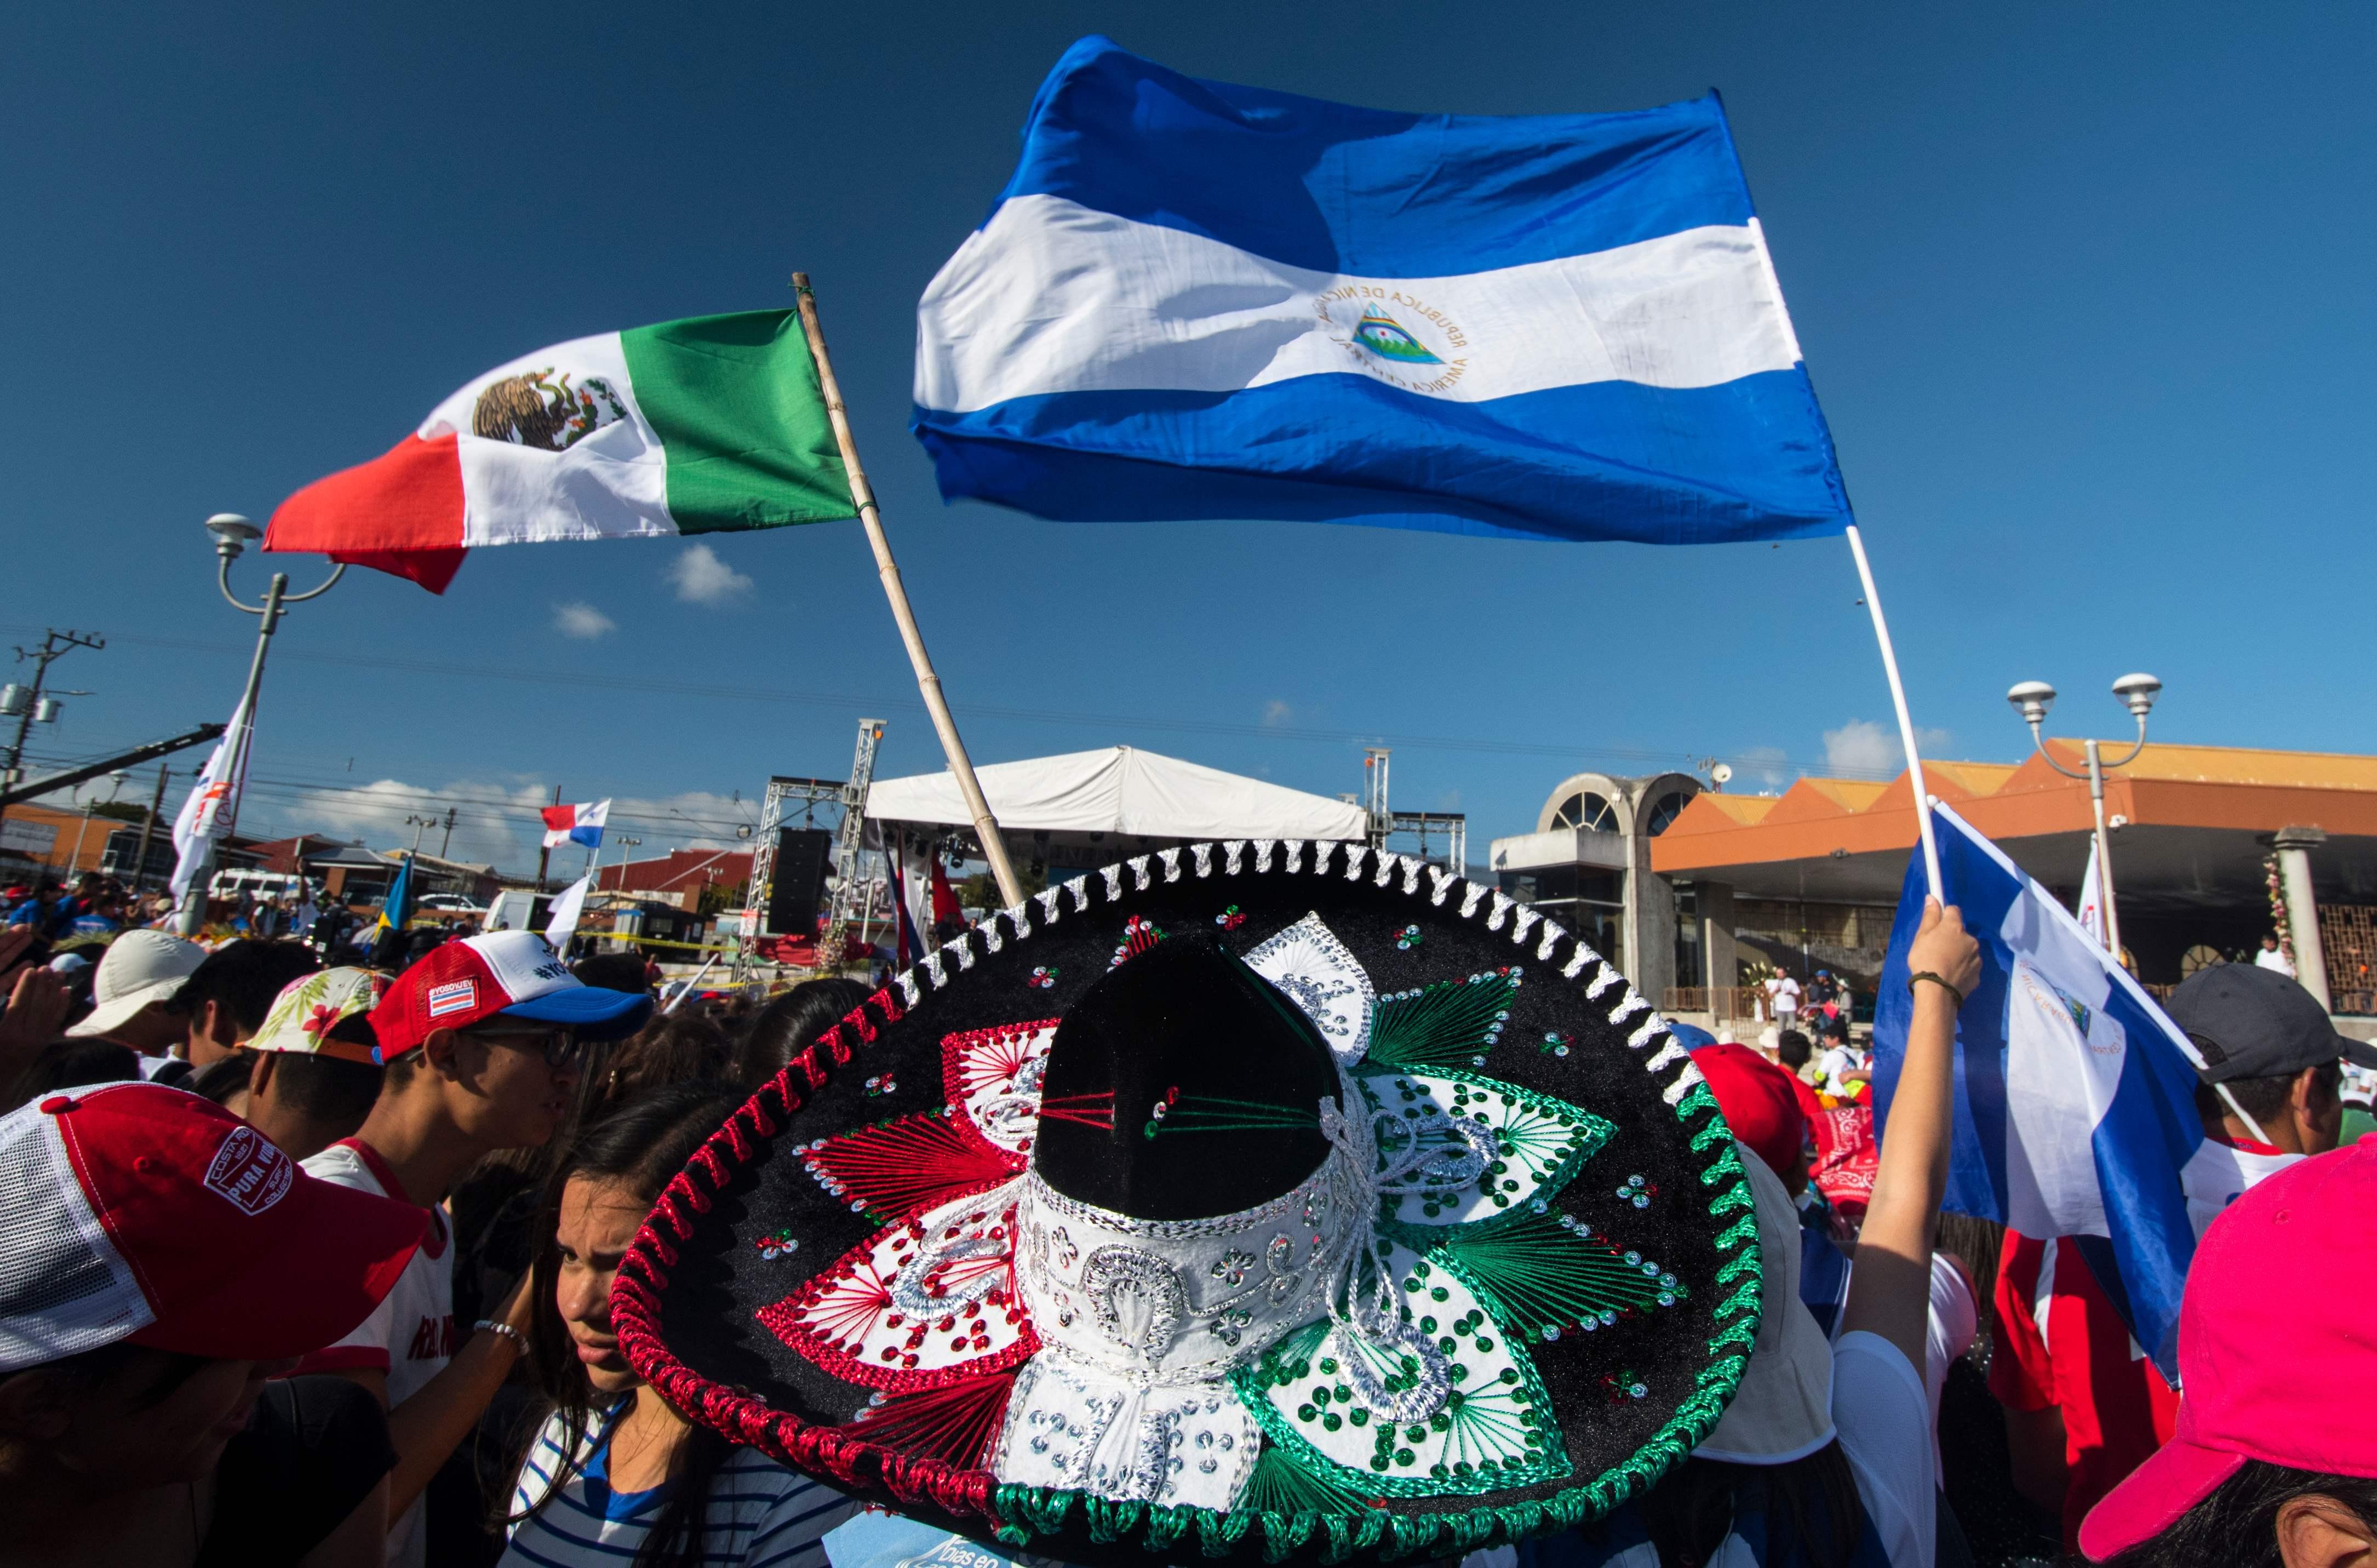 Panamá será la sede de la Jornada Mundial de la Juventud 2019, donde participará el papa Francisco. (Foto Prensa Libre: AFP)